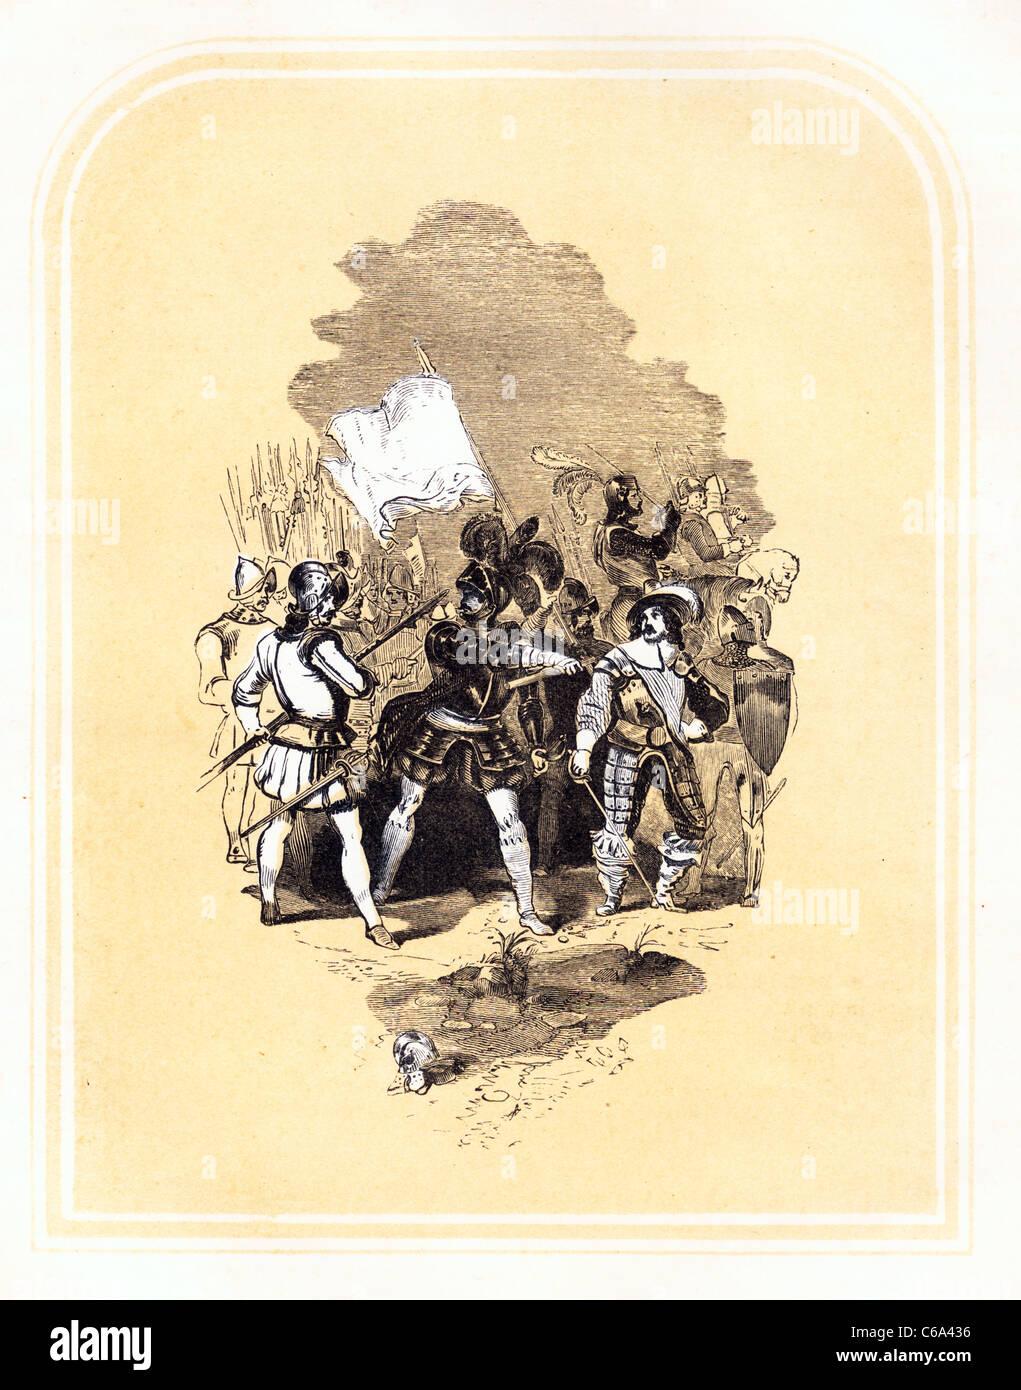 Emmanuel revisando su ejército de John Bunyan la Guerra Santa Imagen De Stock